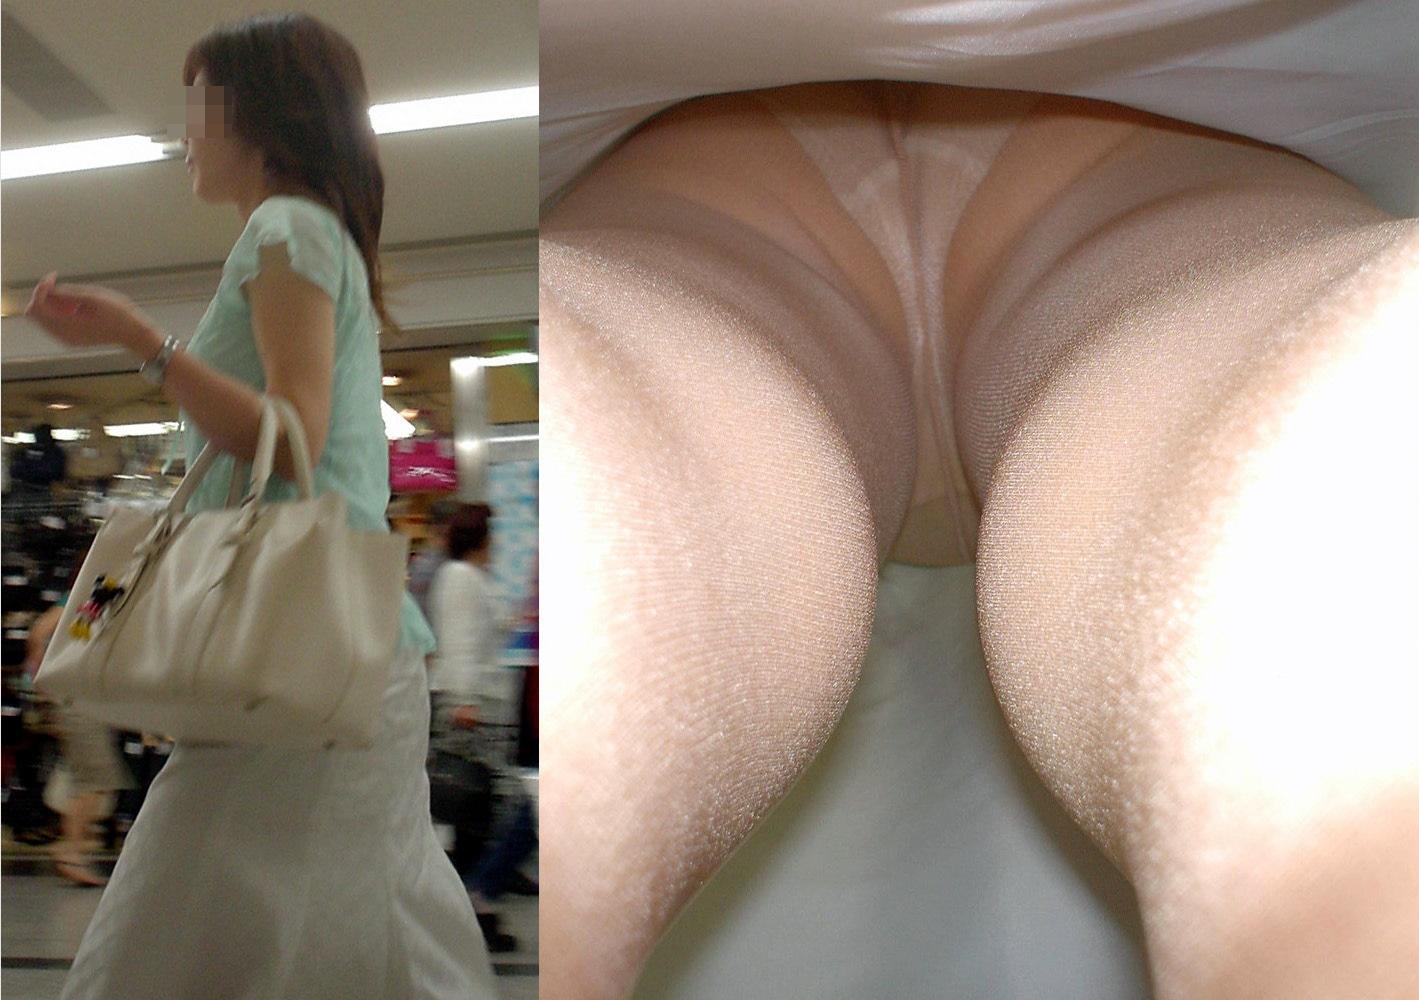 【パンチラエロ画像】ロングスカートも真下は不可避w大胆な下着を暴く逆さ撮りwww 10